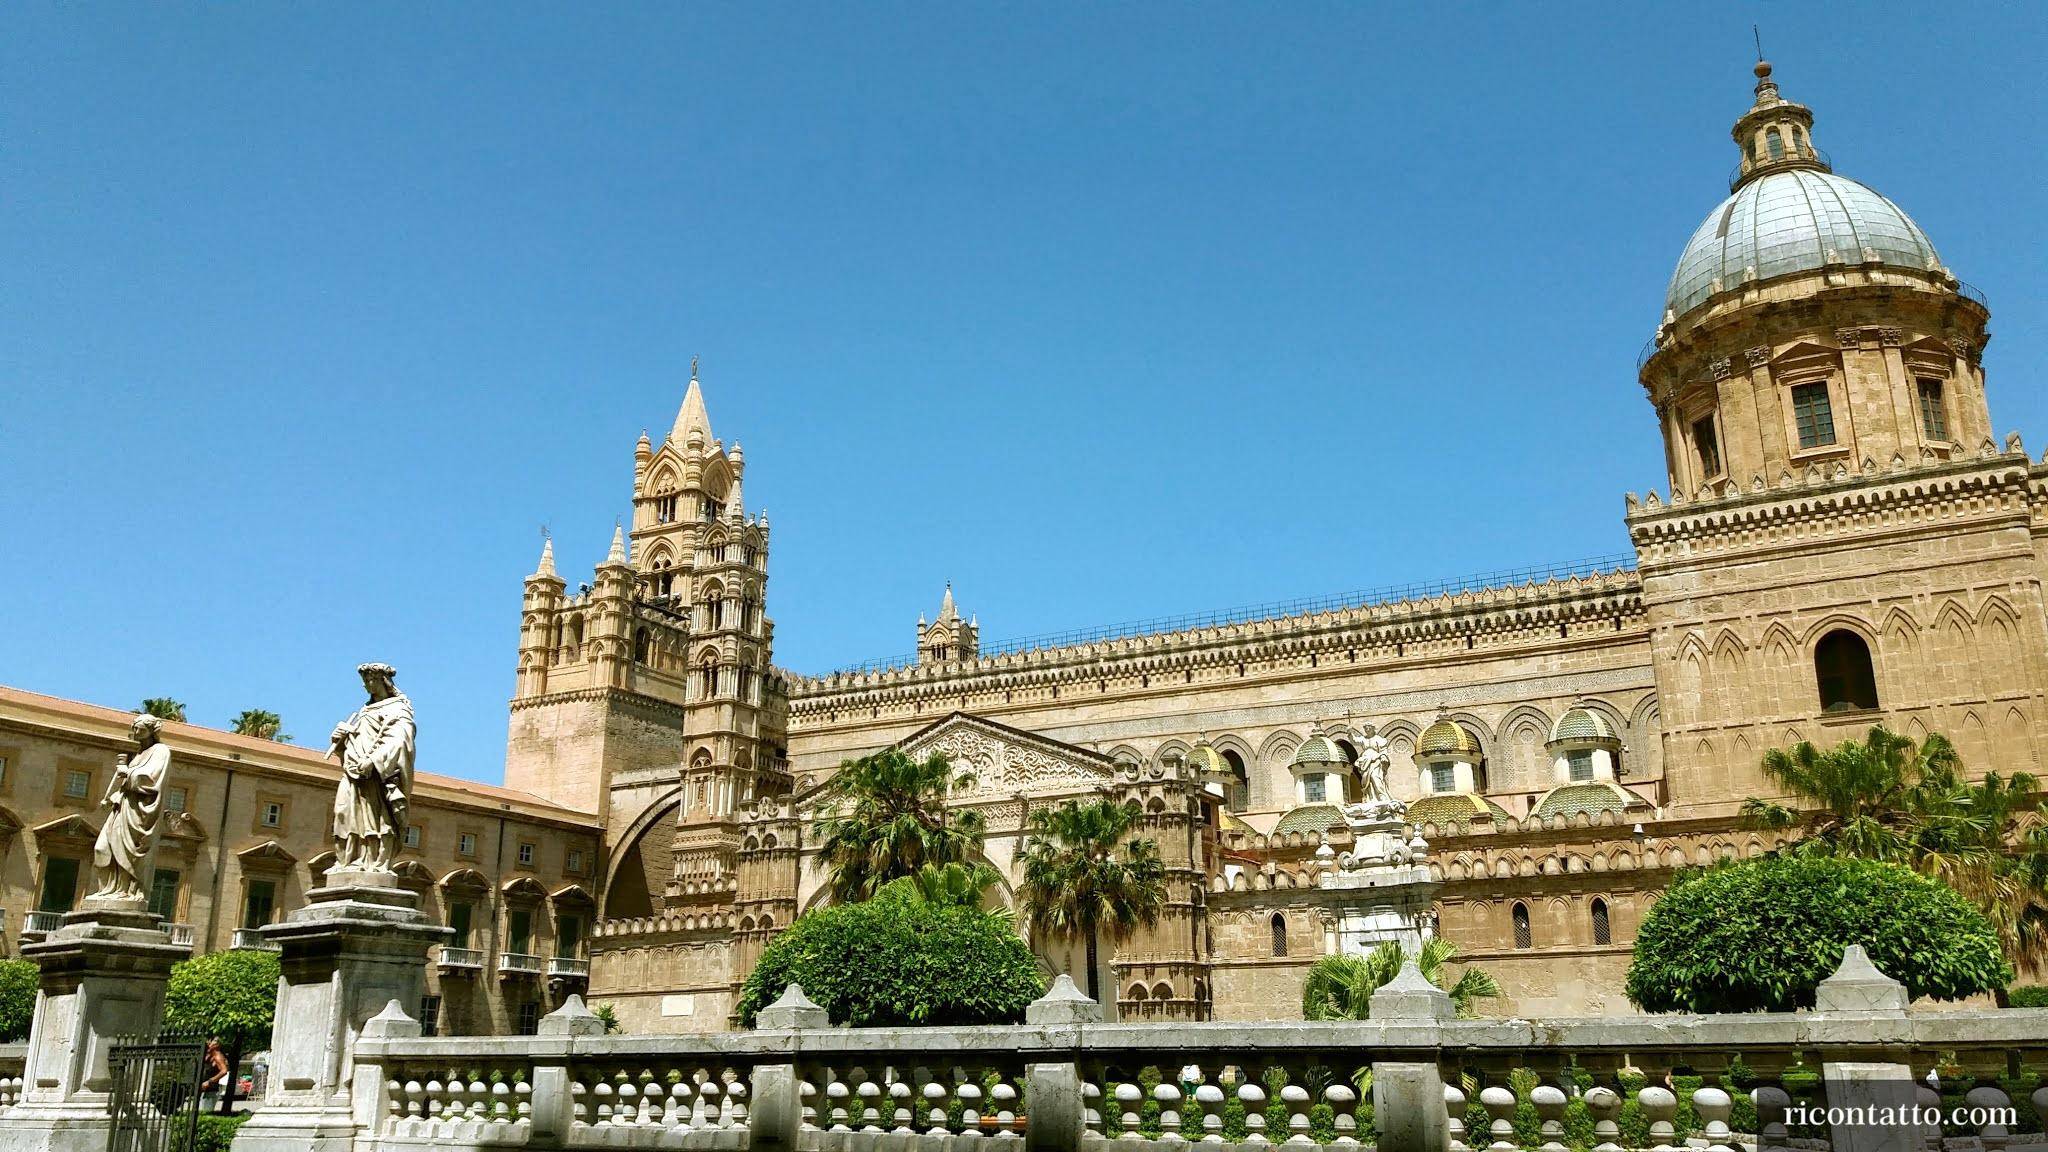 Palermo, Sicilia, Italy - Photo #12 by Ricontatto.com